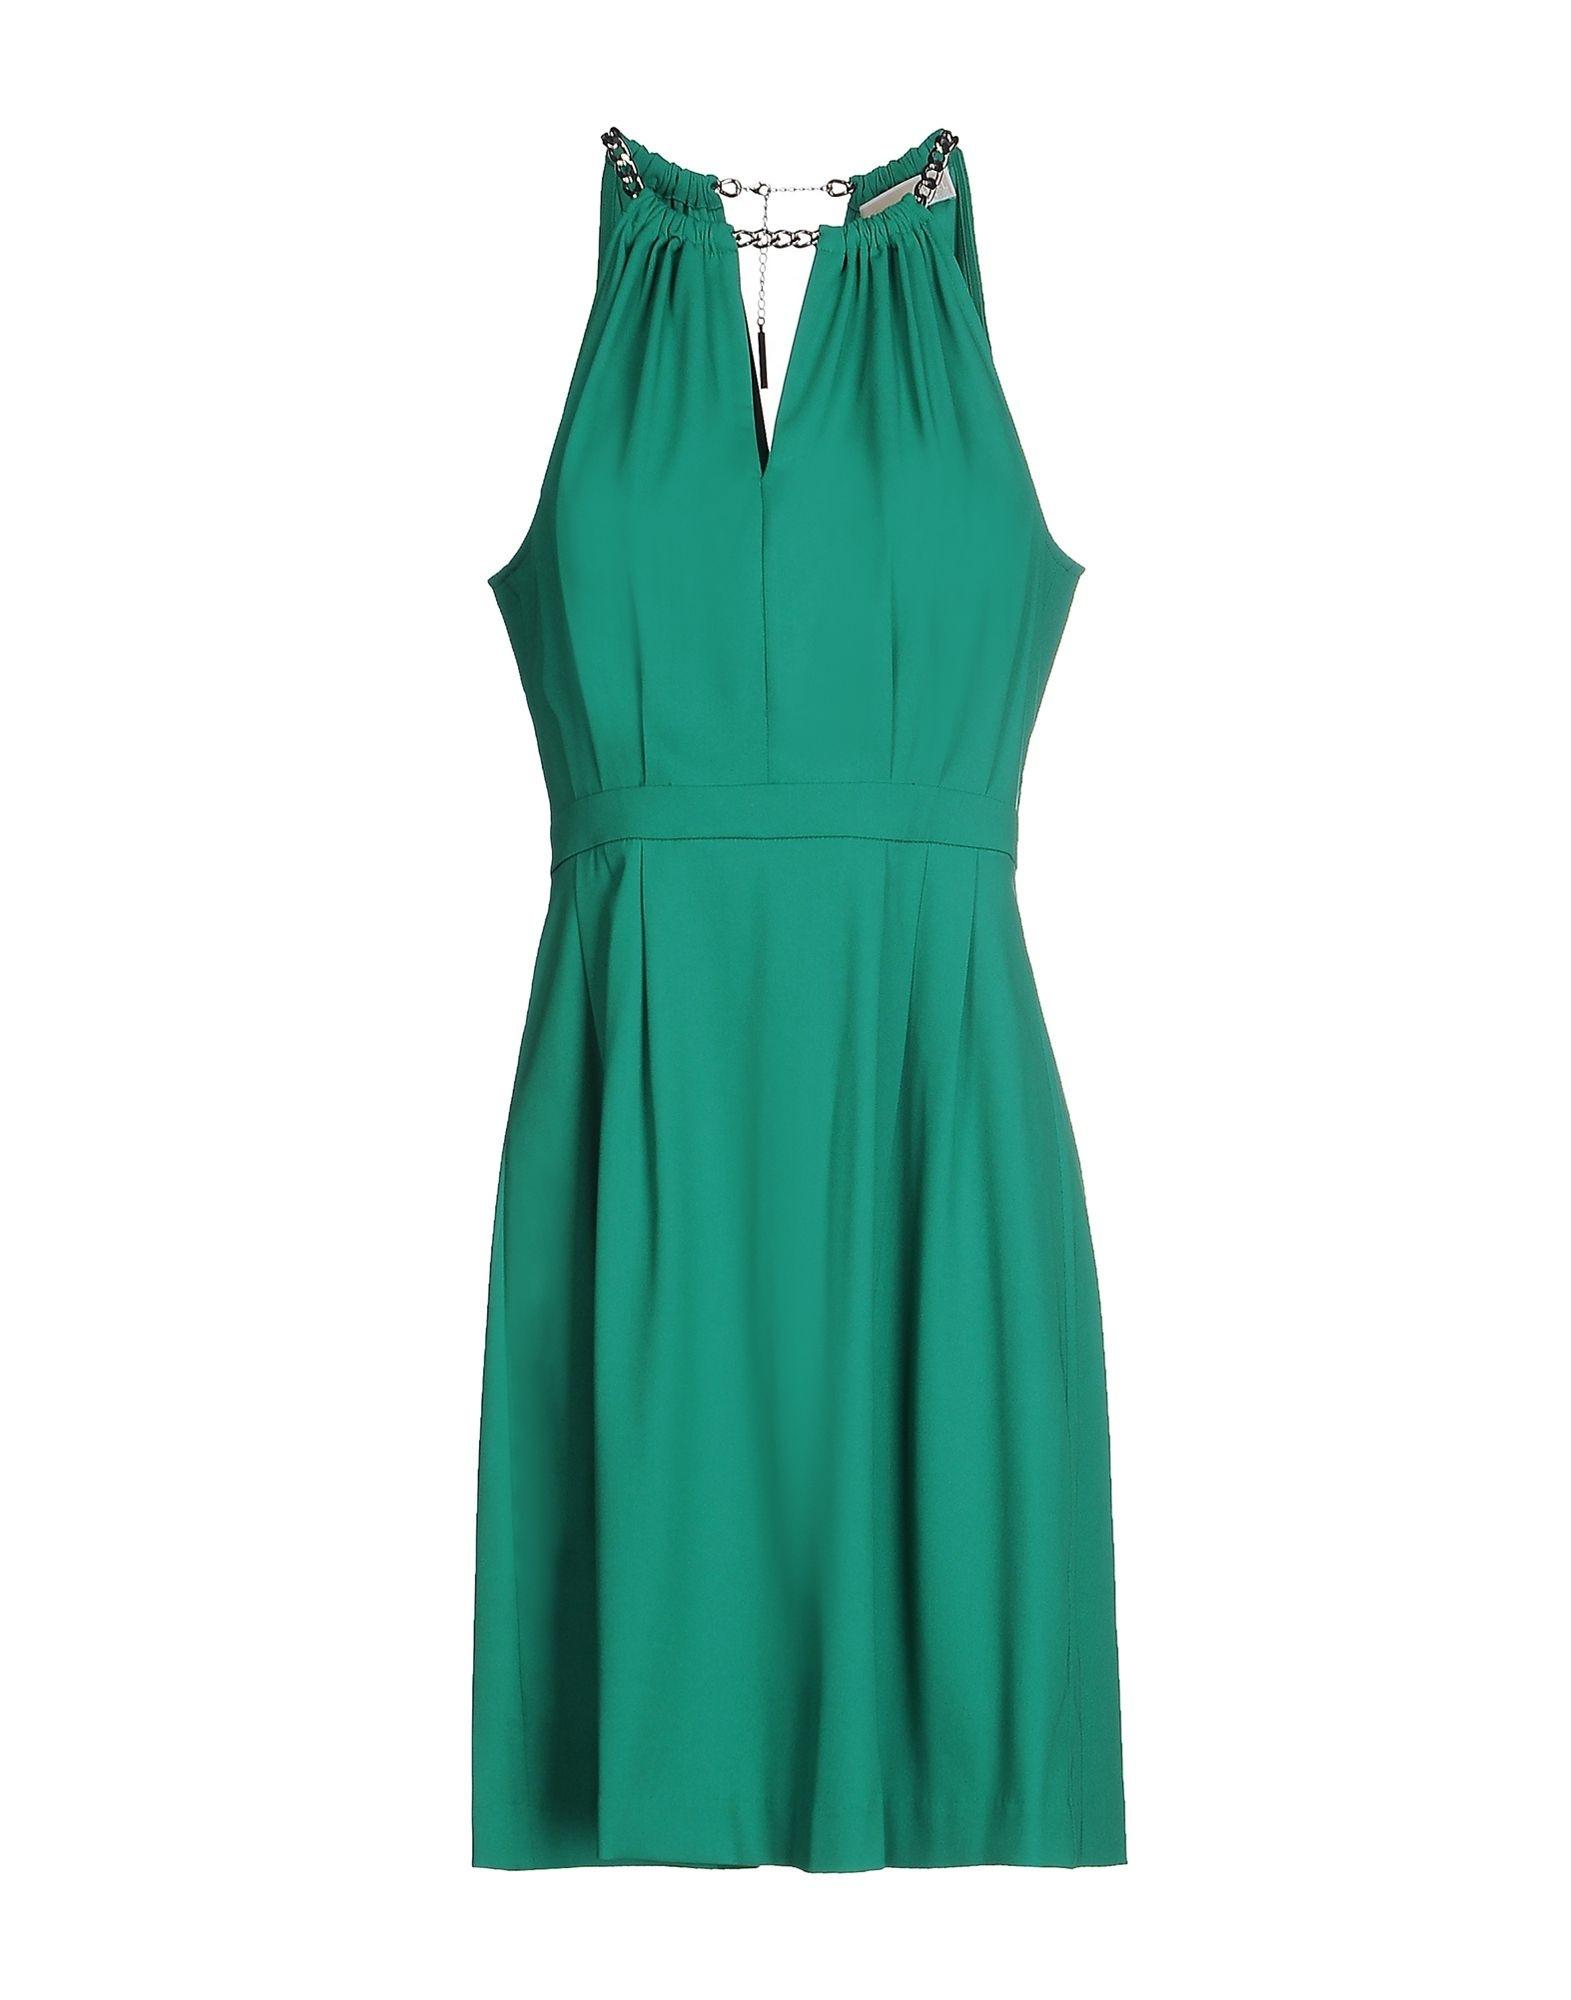 Abend Einzigartig Damen Kleid Grün Bester Preis10 Schön Damen Kleid Grün Spezialgebiet